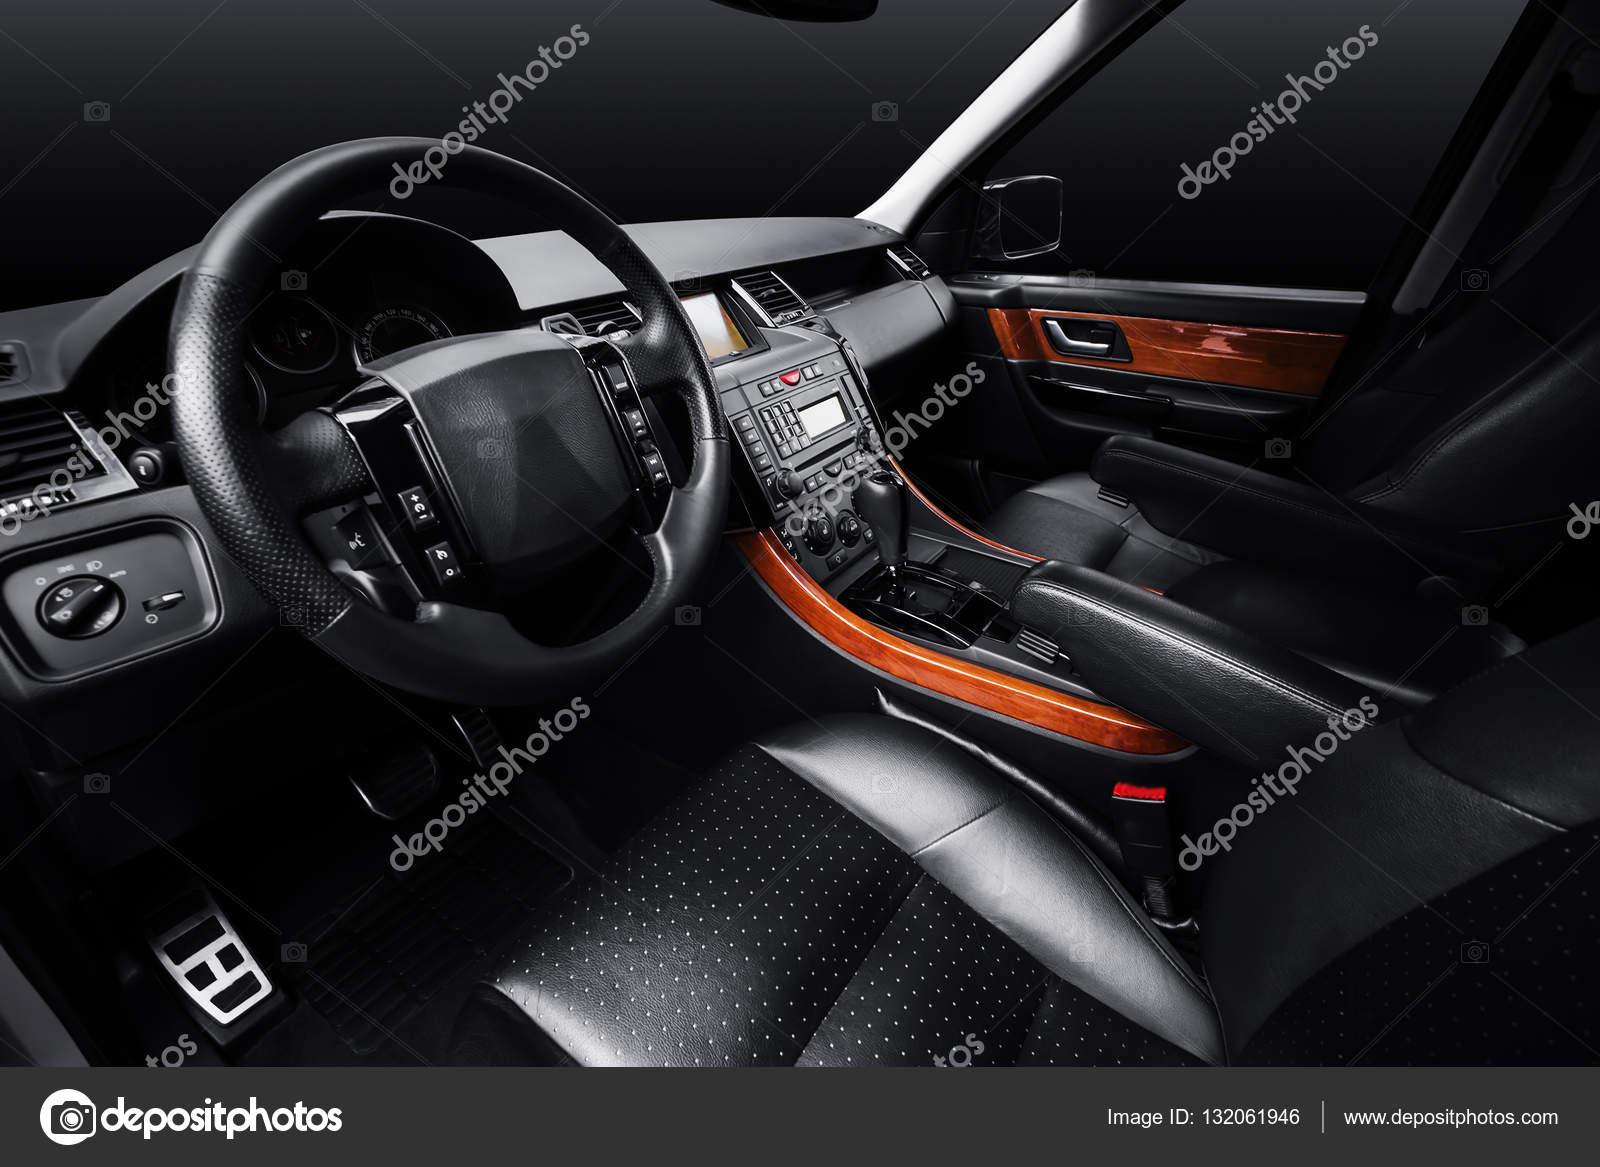 luxeauto lederen interieur zwarte studio achtergrond foto van man64